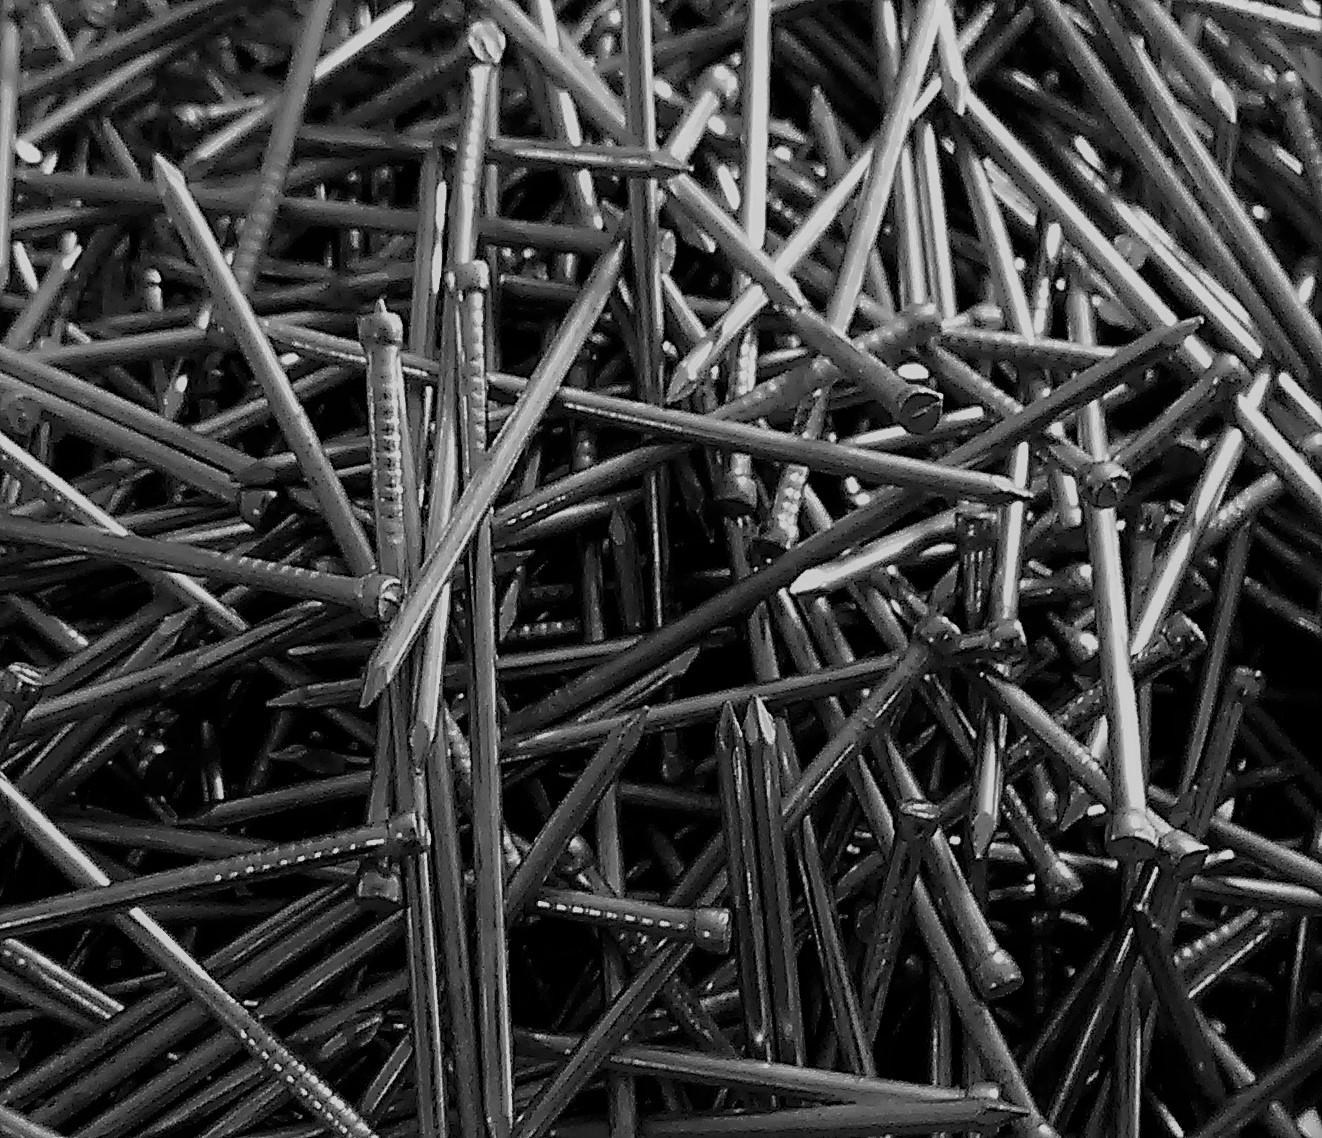 Гвозди строительные, финишные отделочные Скобы штыри